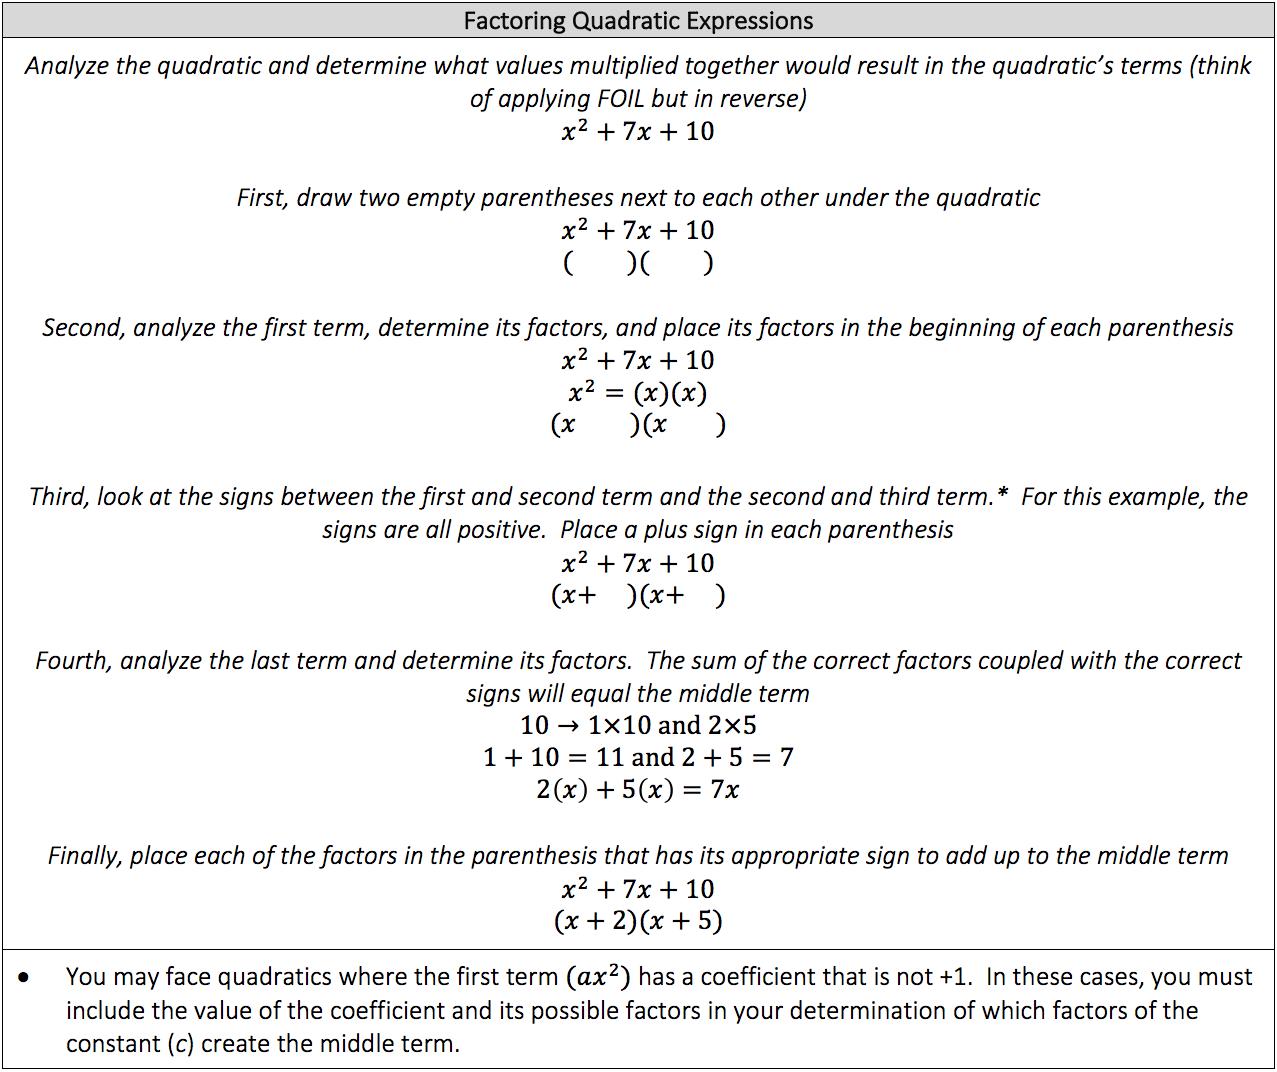 factoring-quadratic-expressions